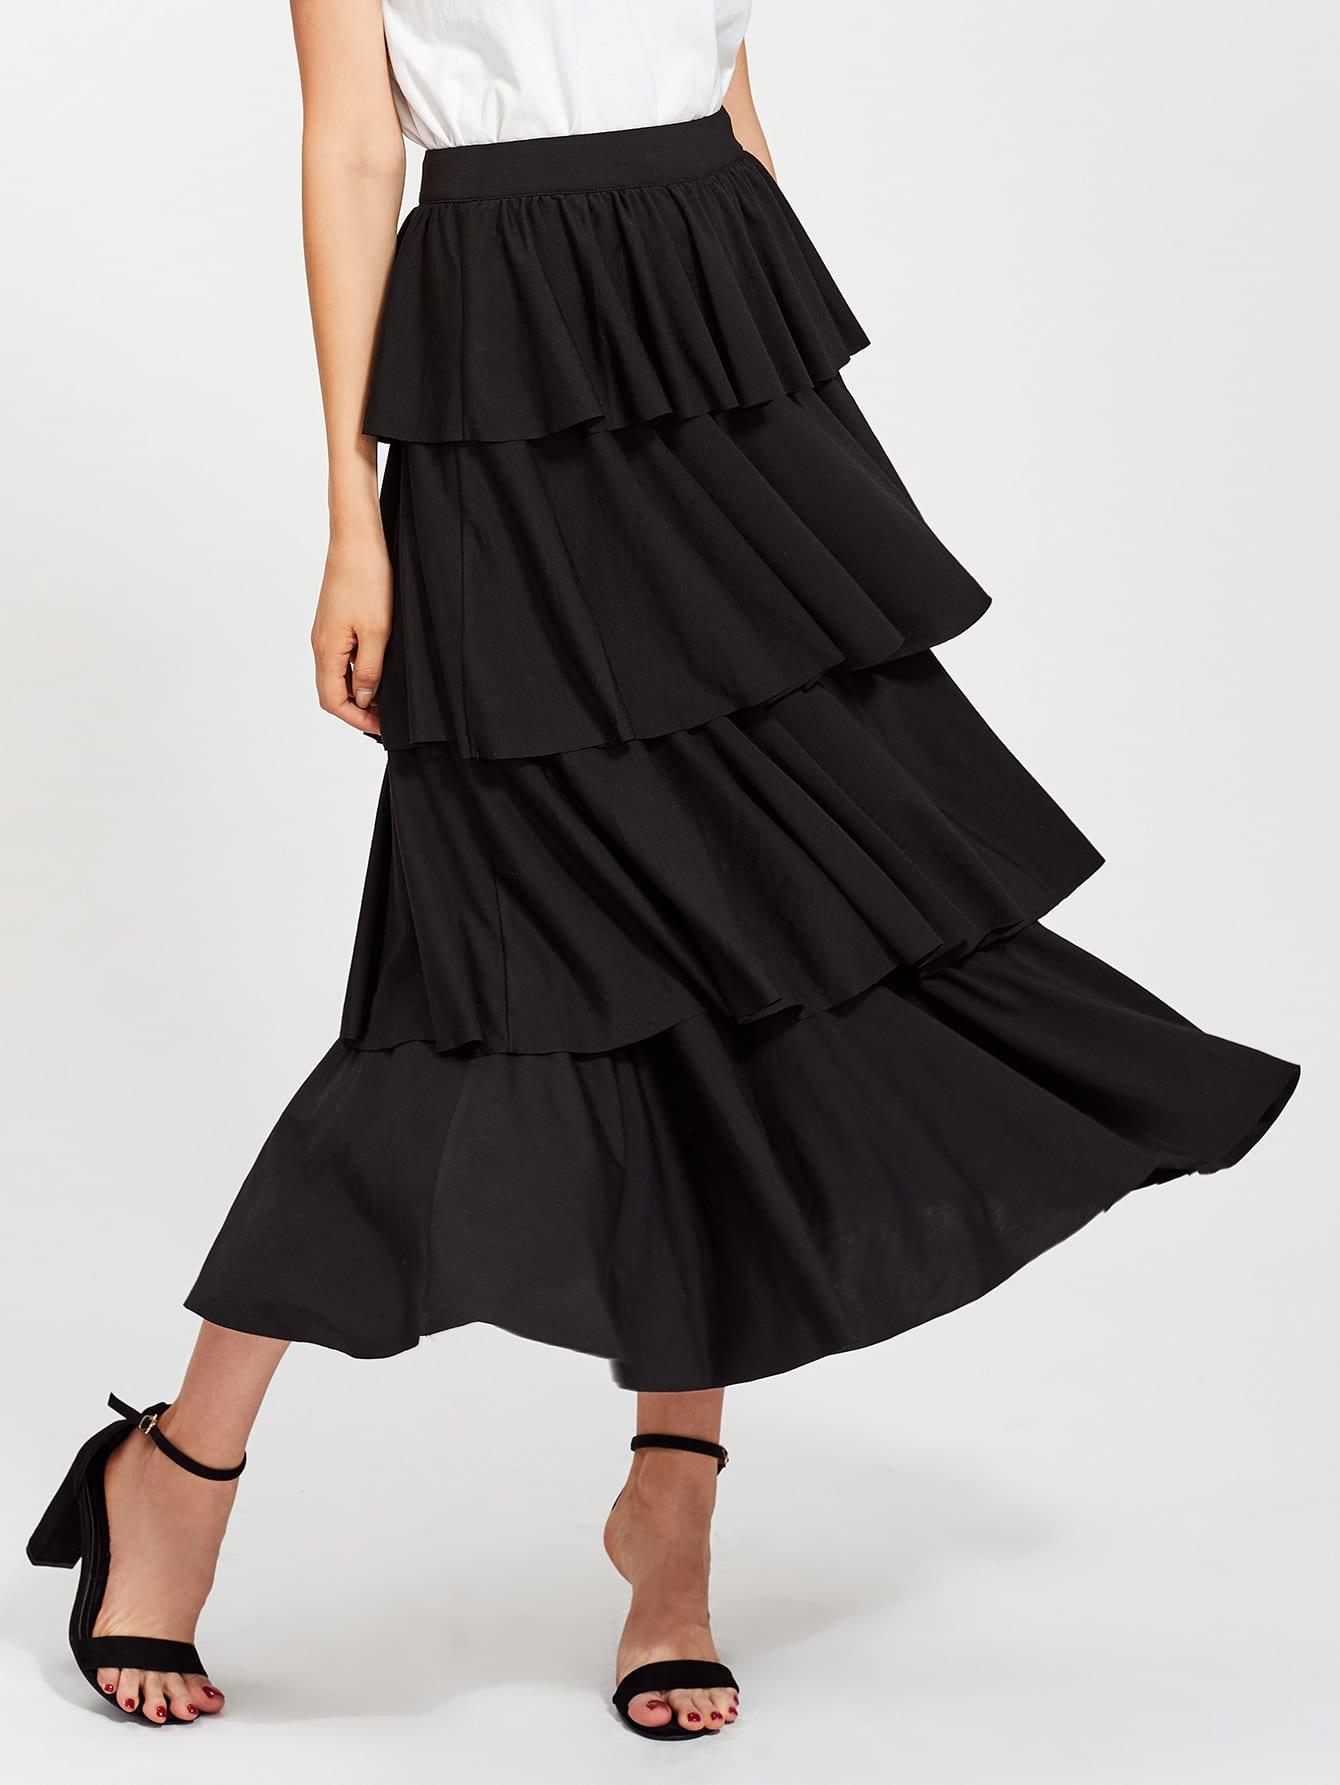 Zip Closure Layered Ruffle Skirt layered ruffle skirt pants